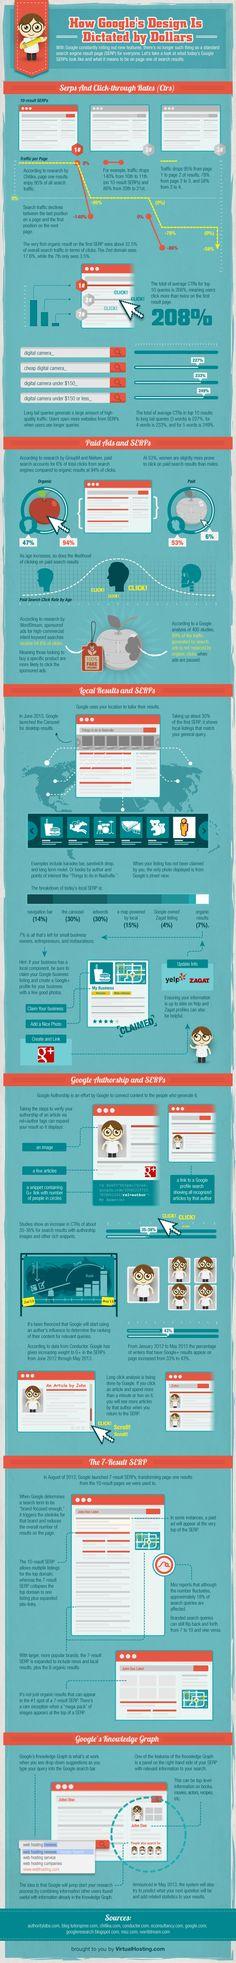 I cambiamenti nel design di Google: migliora la user experience oppure il profitto?